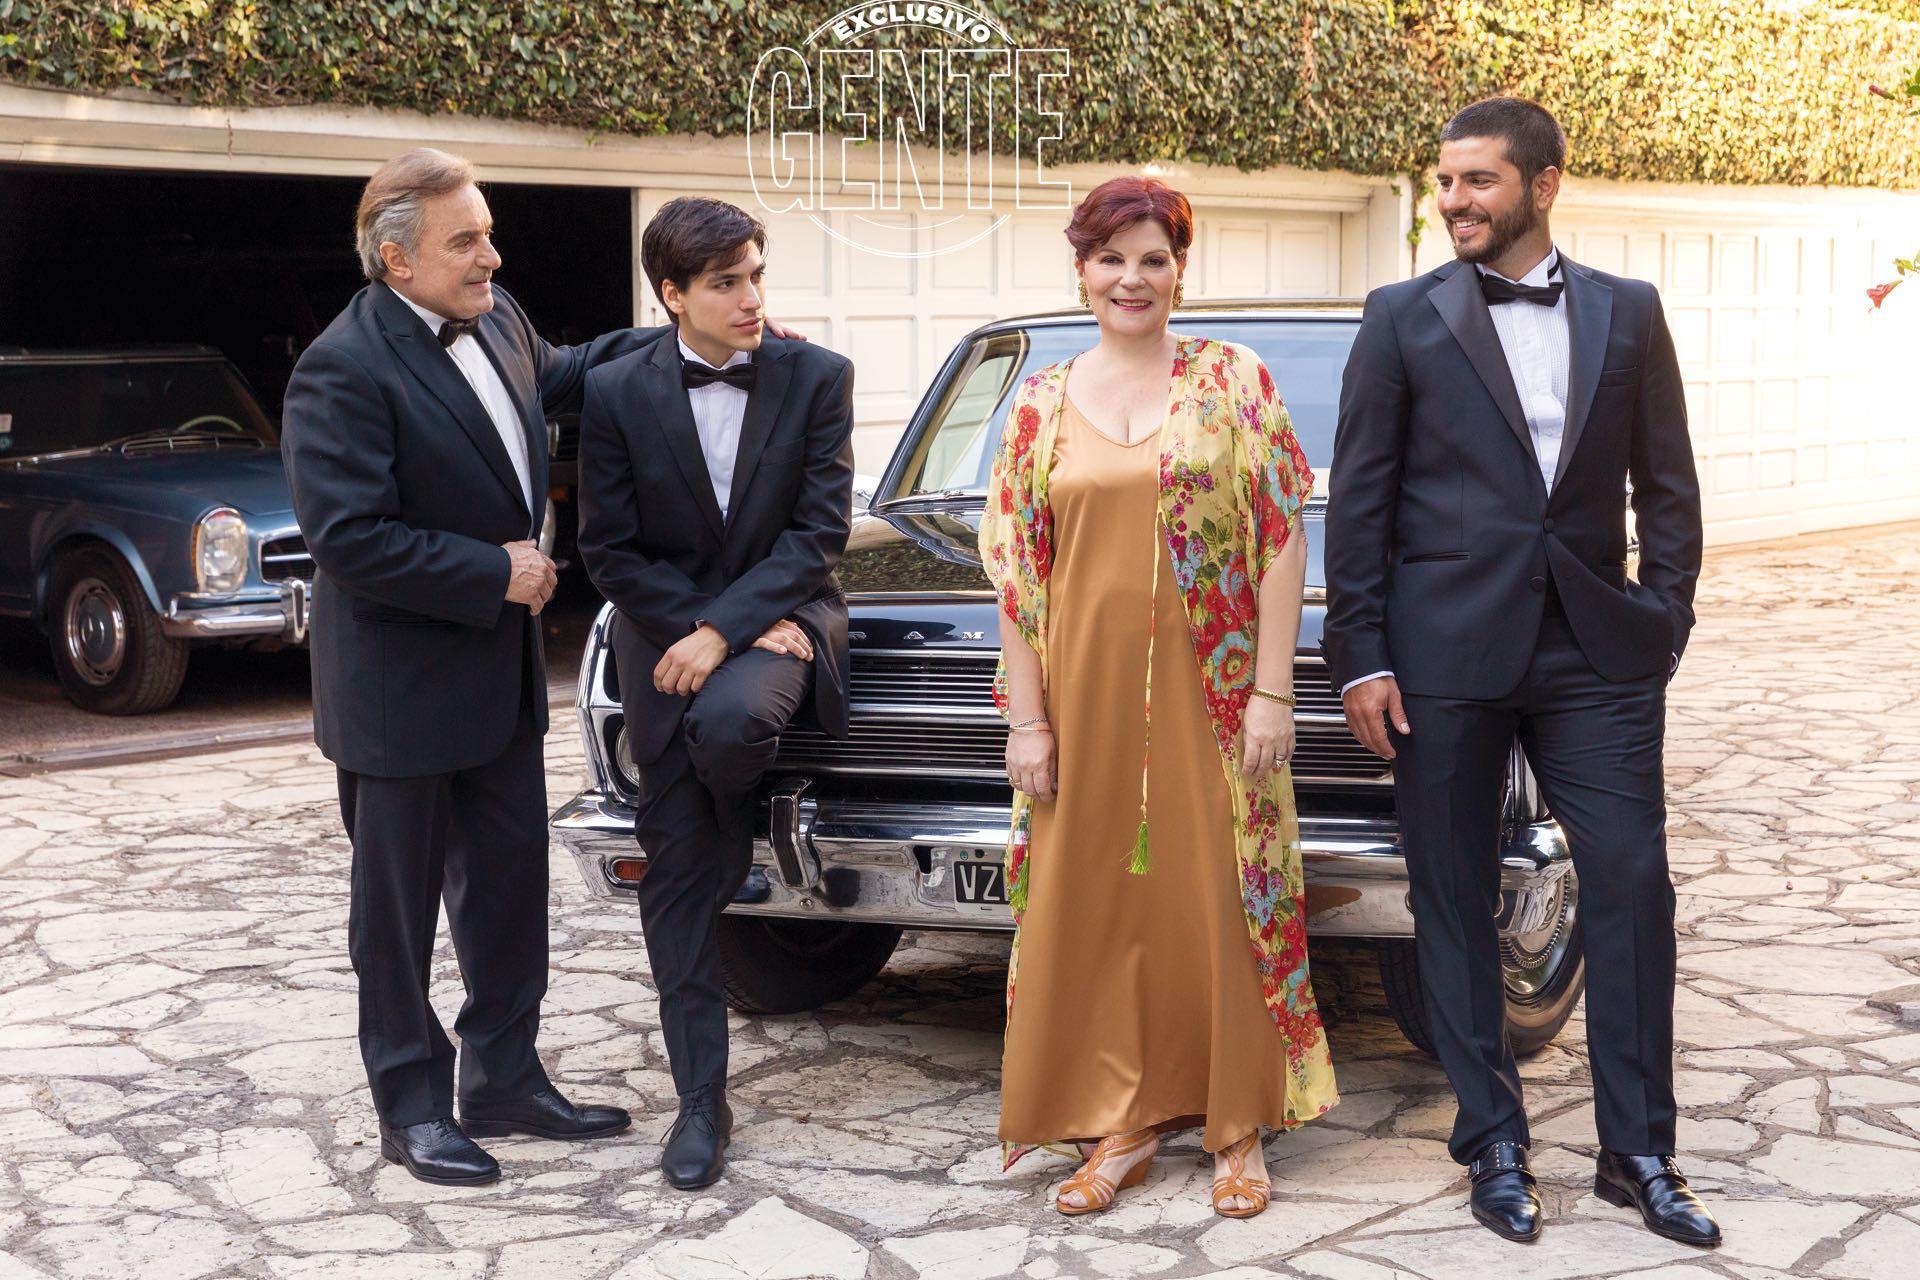 Olga junto a los galanes que interpretan a Sandro en la serie sobre su vida posan junto al auto favorito del Gitano. (Foto Christian Beliera/GENTE)